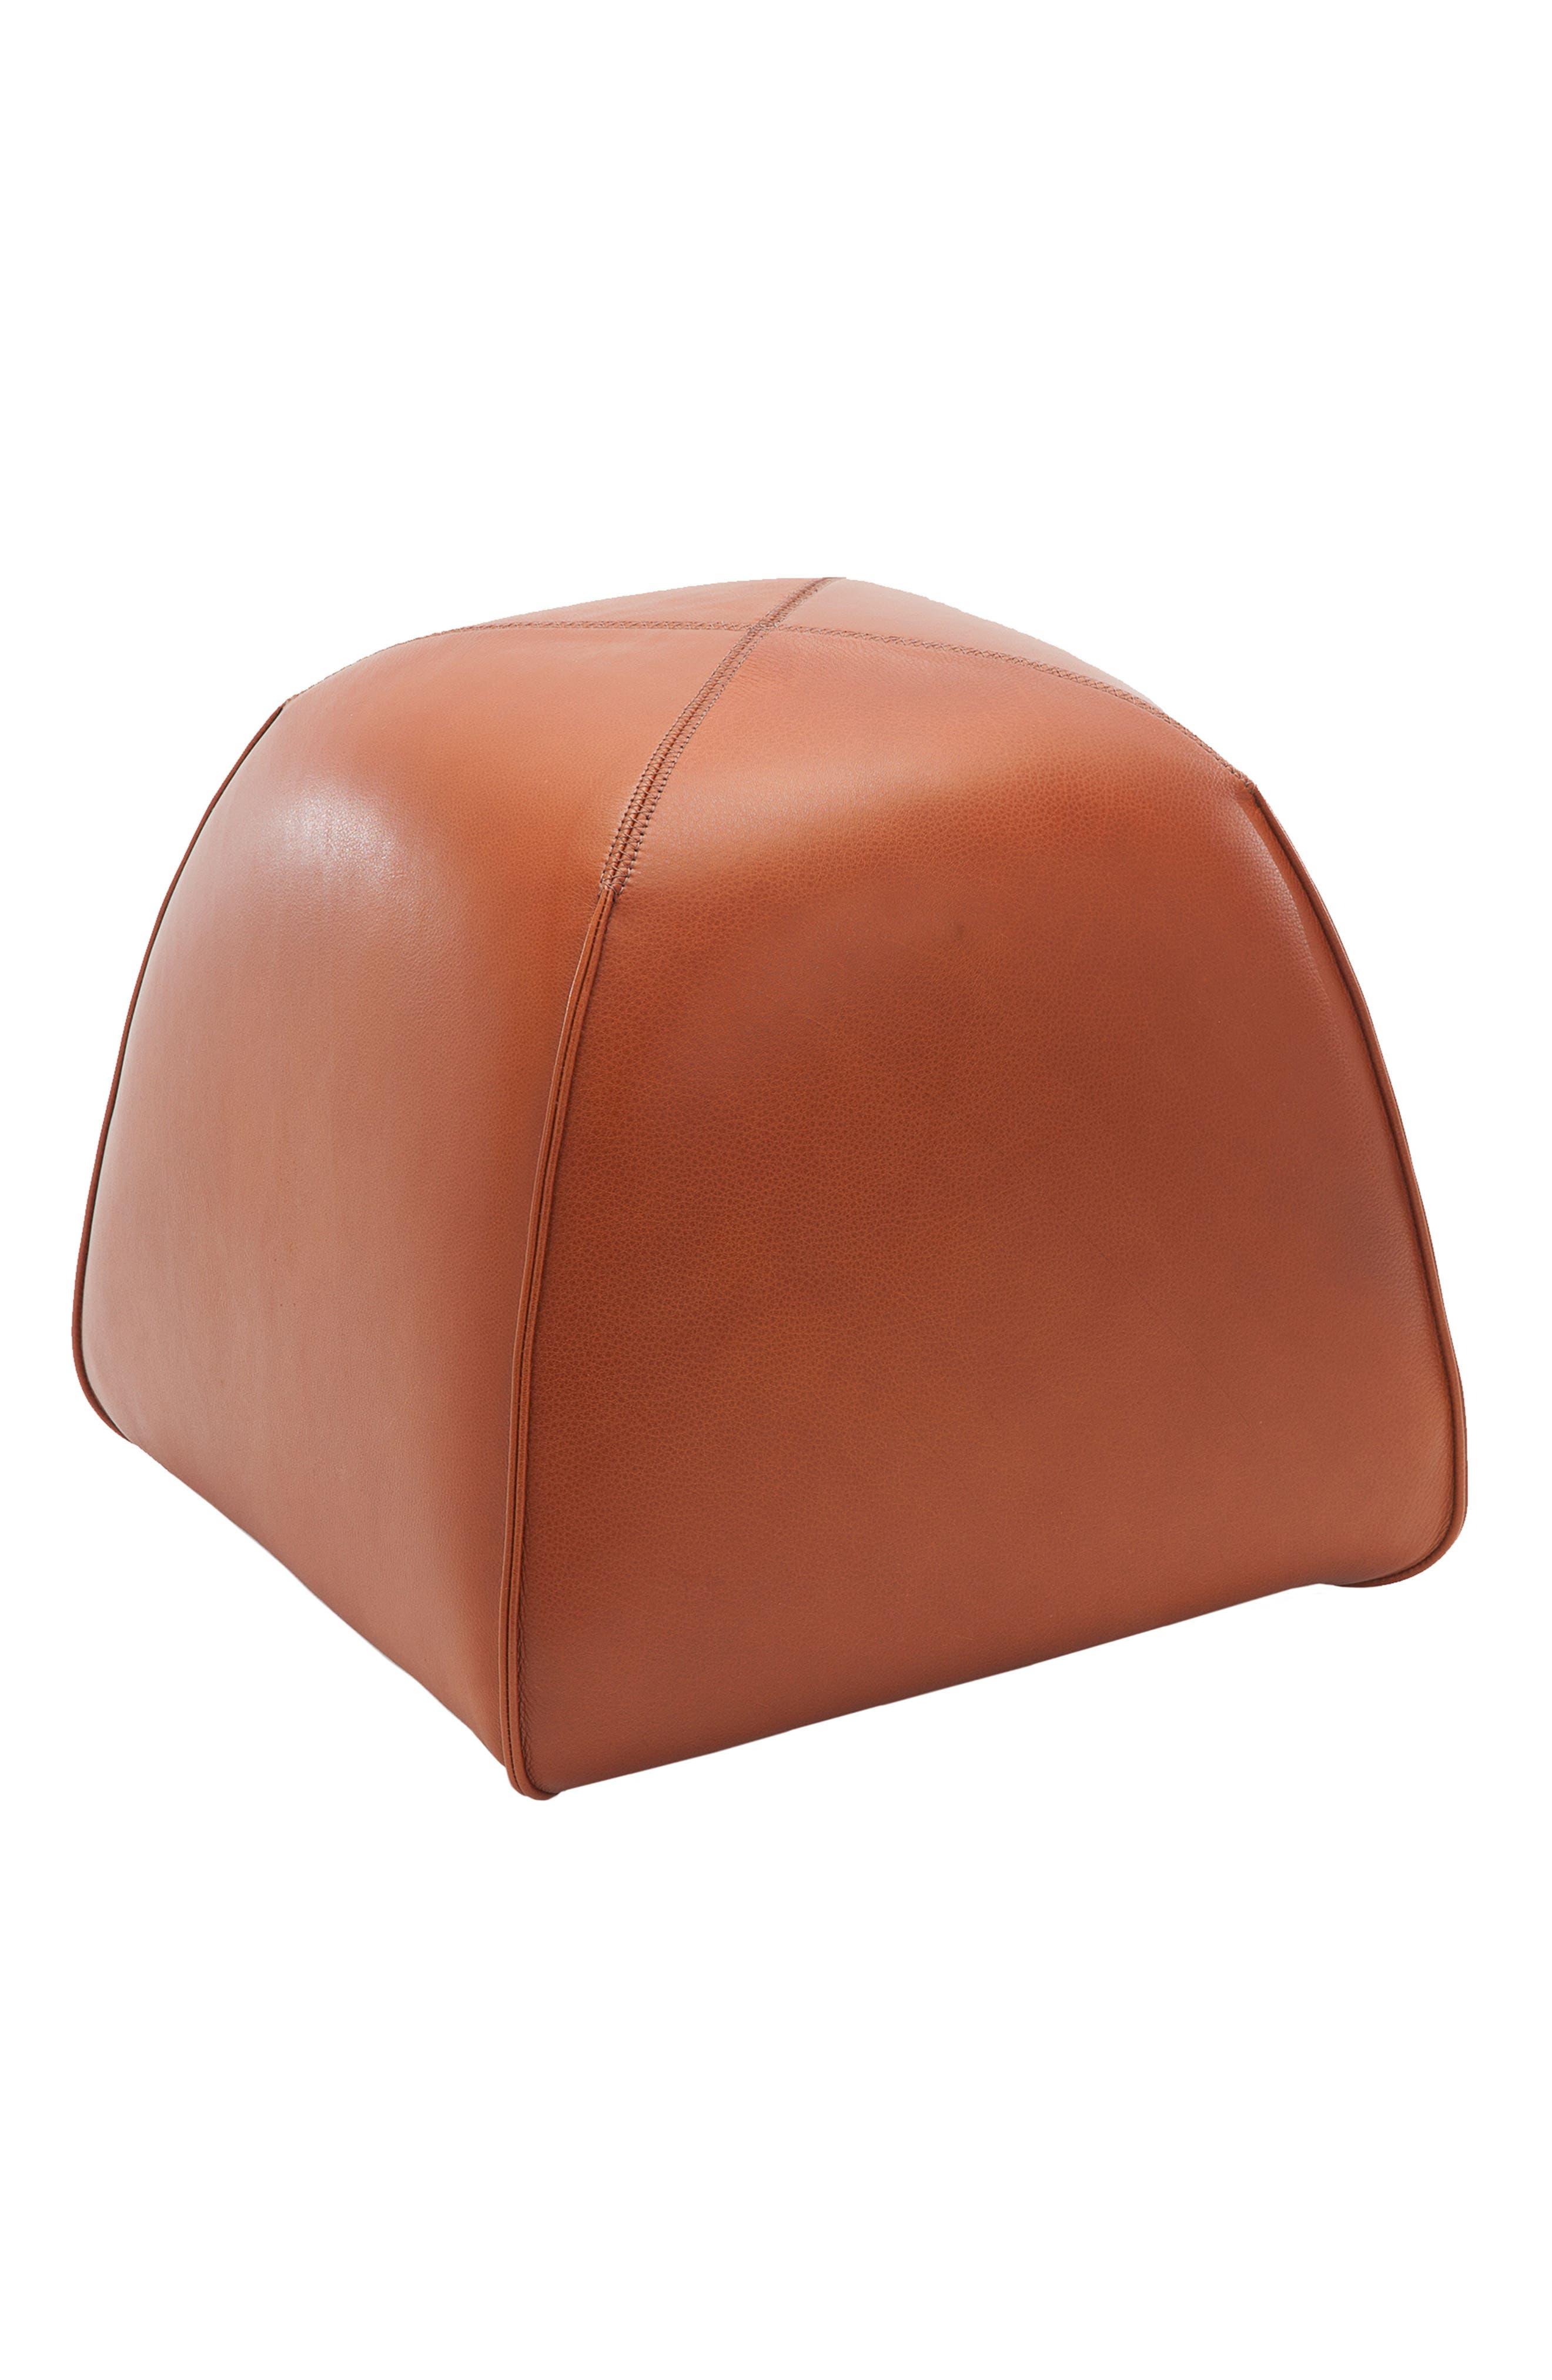 Kaas Tailored BimBom Leather Stool